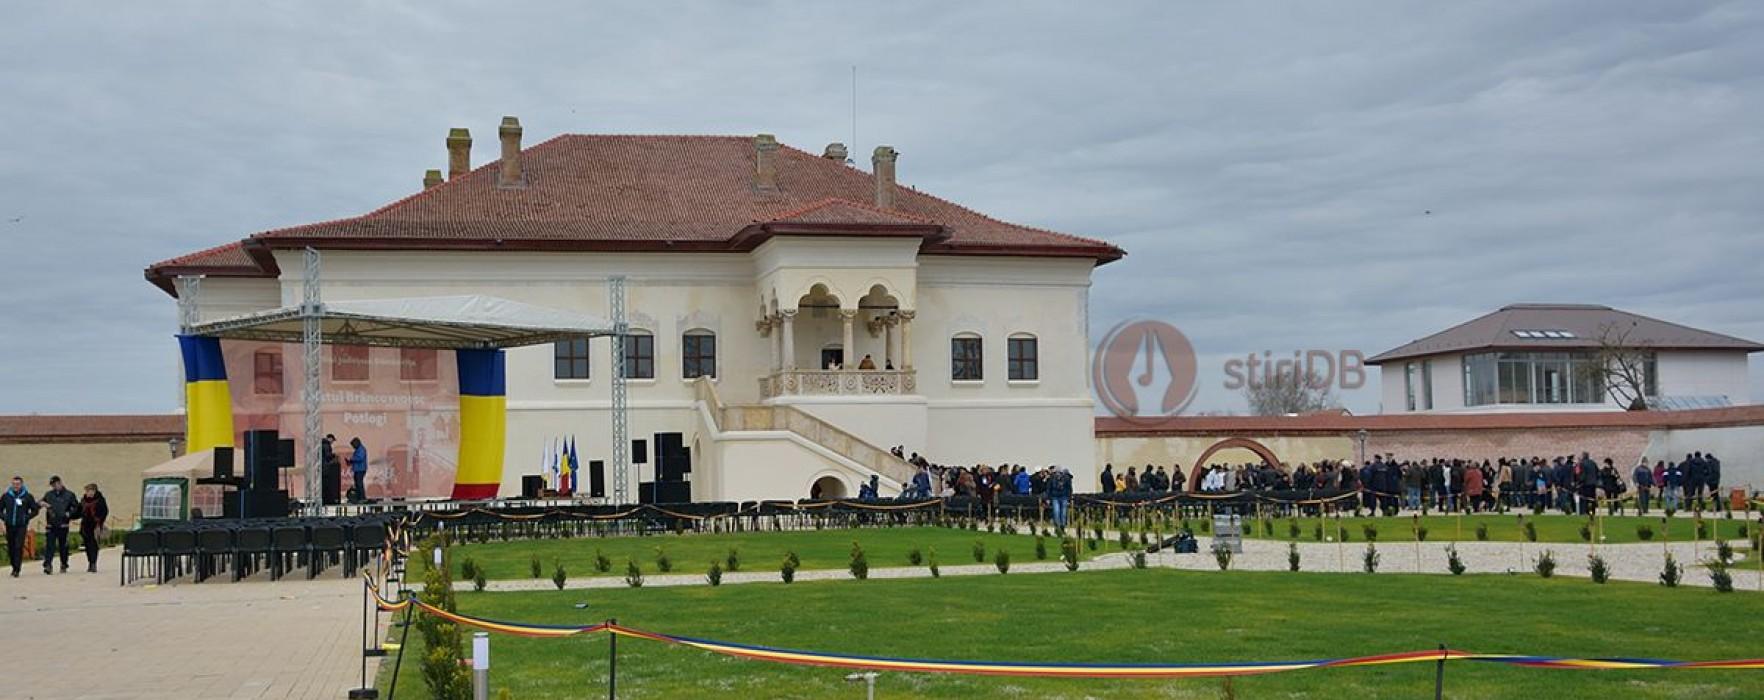 Dâmboviţa: Expoziţie de ornamente din scrierile brâncoveneşti la Palatul Brâncovenesc de la Potlogi